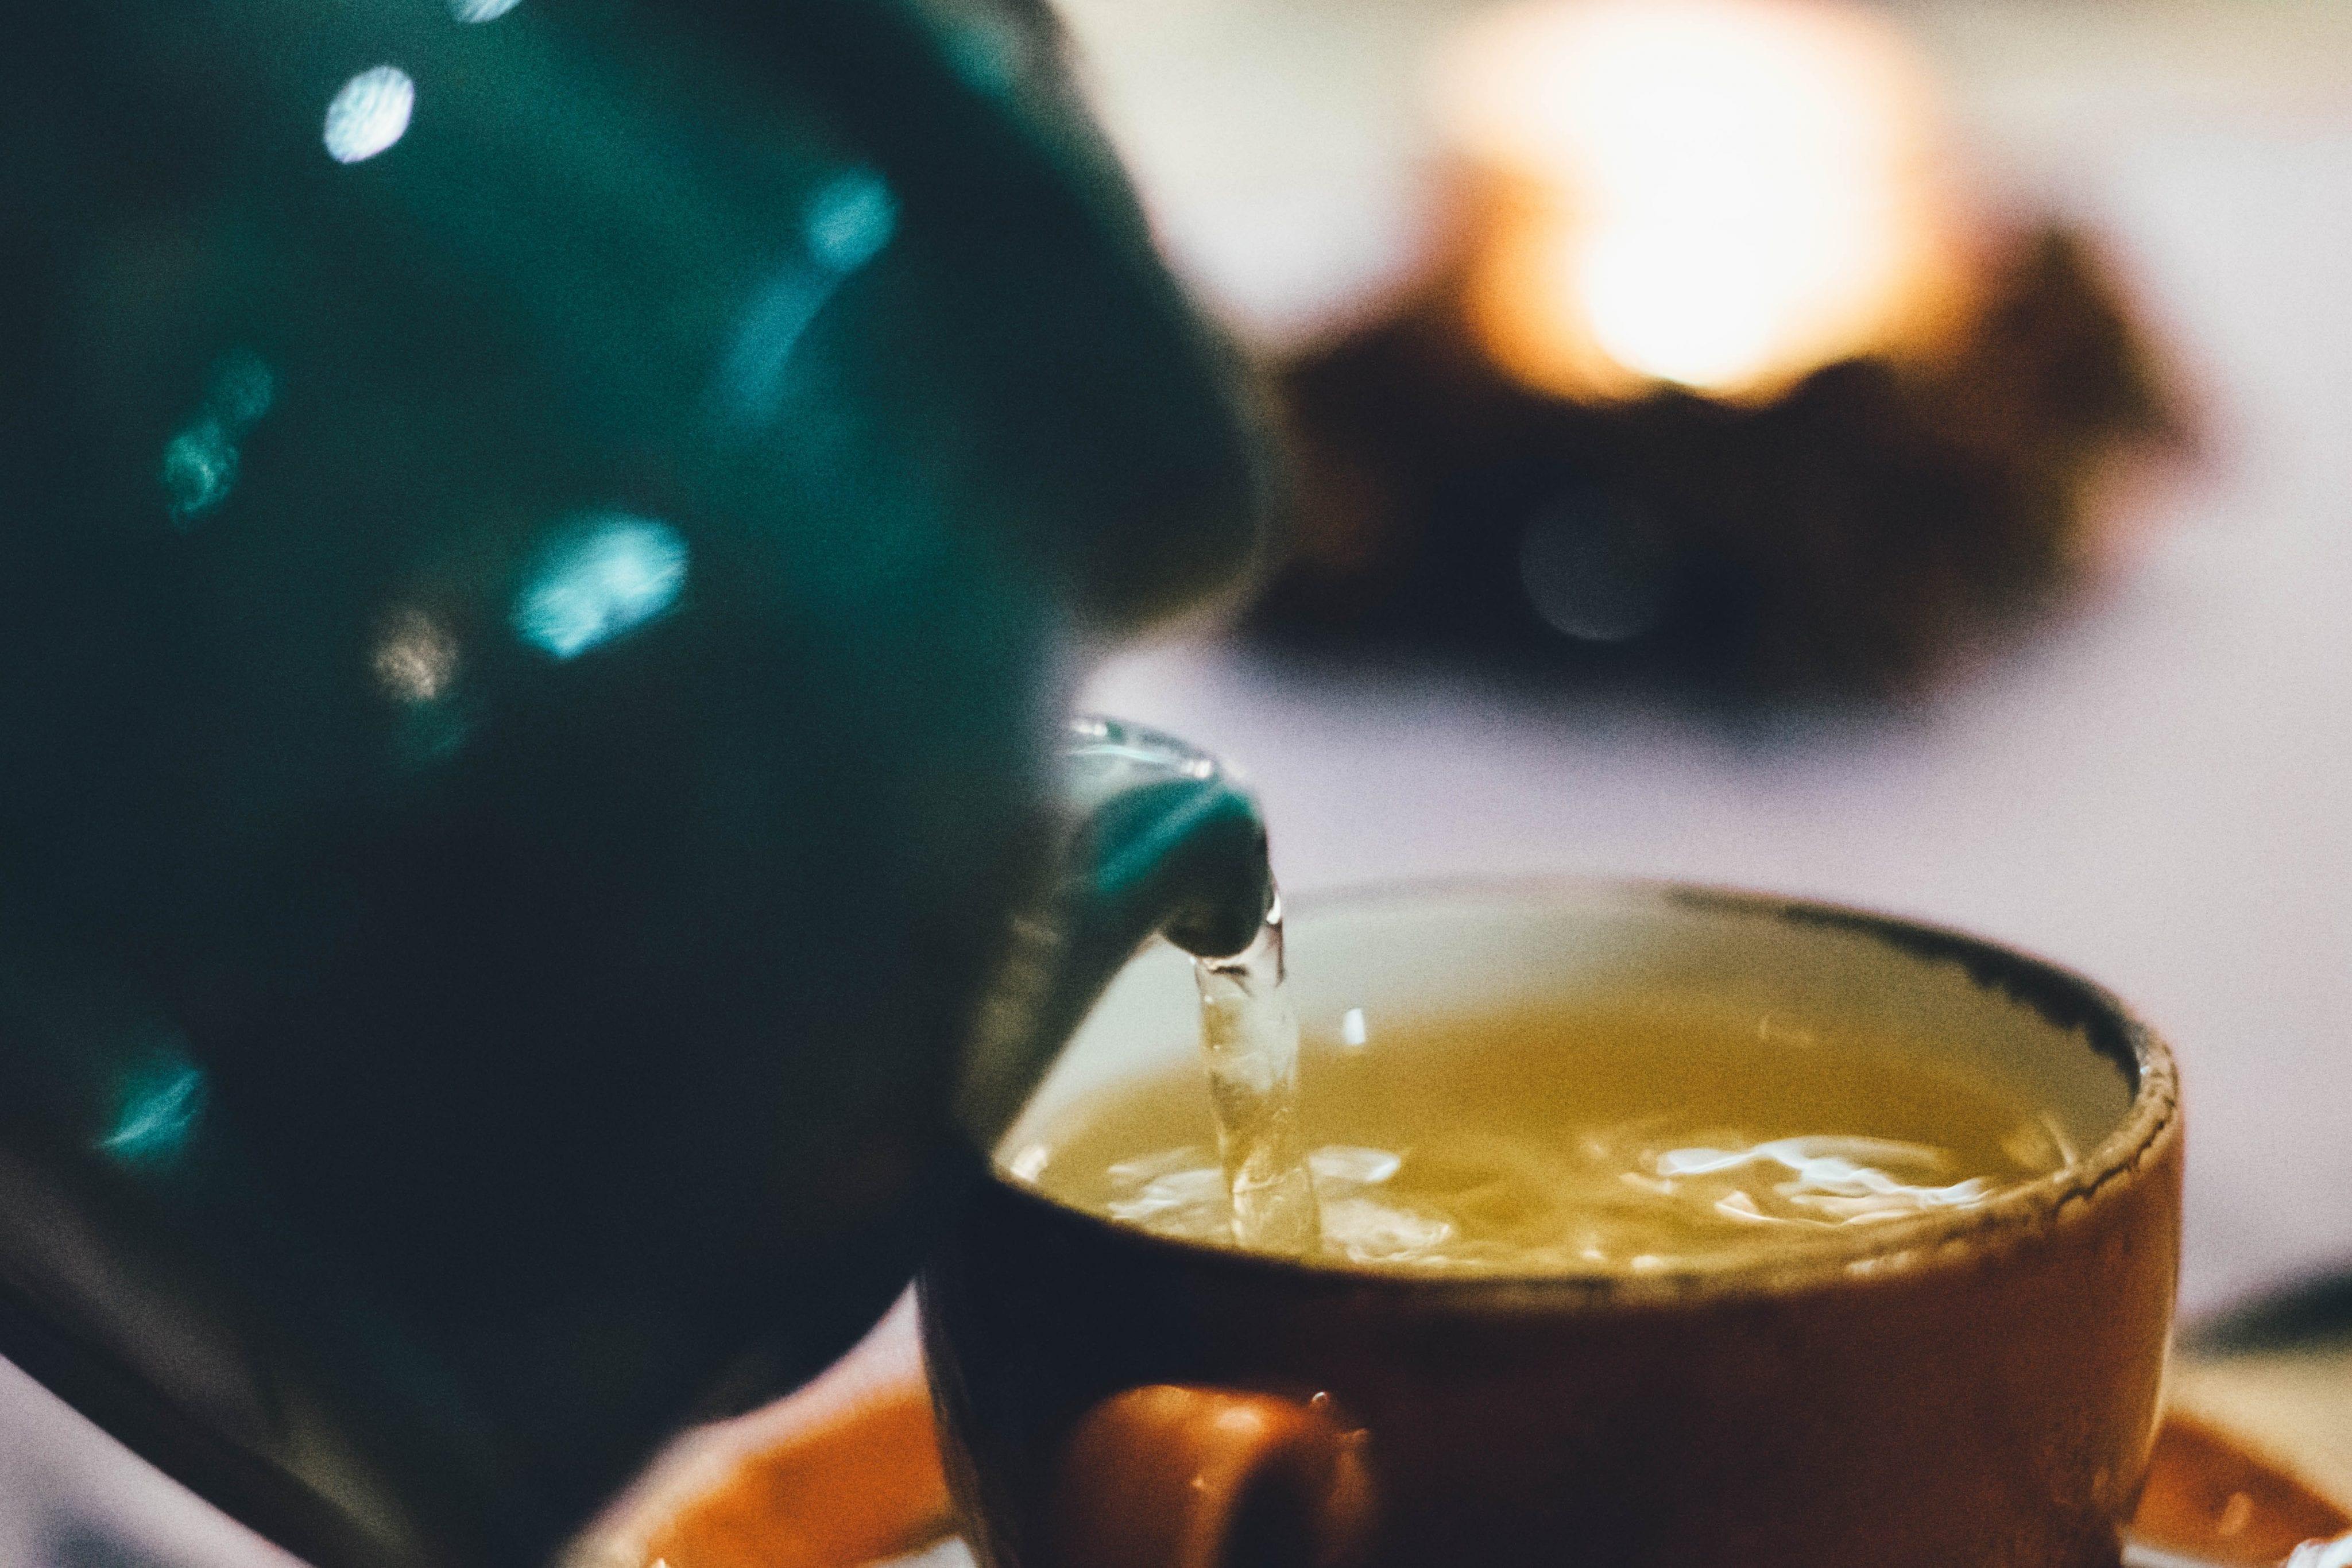 brewing tea in a tea pot